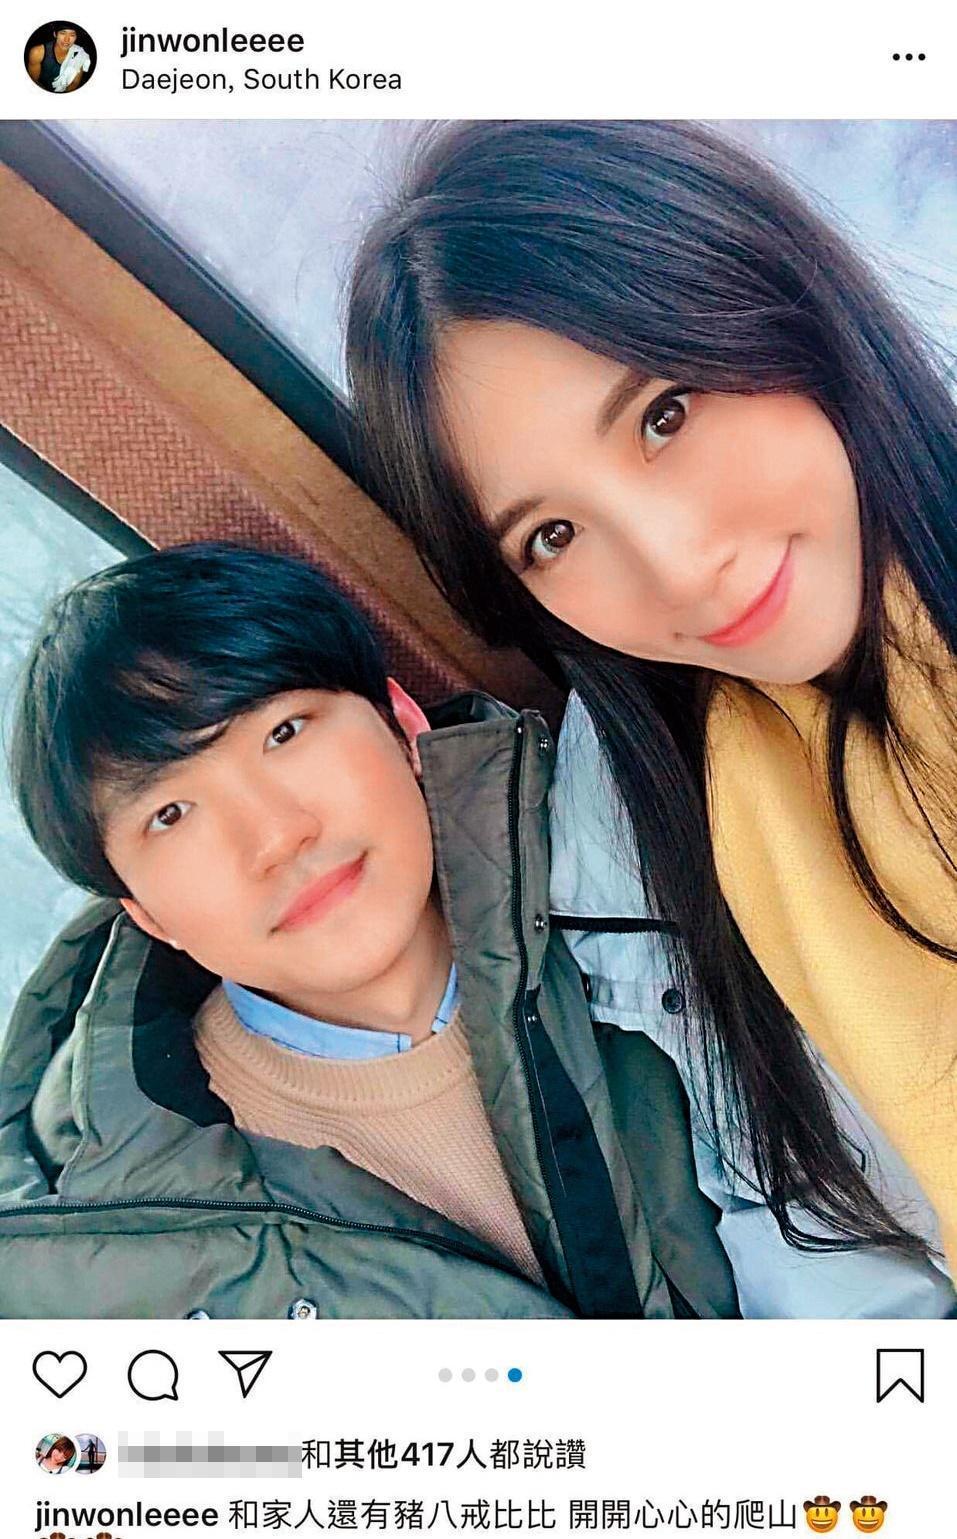 李振遠(左)貼出他與瑤瑤旅遊的合照,暱稱她是「豬八戒比比?#26775;?#24863;情如膠似漆。(翻攝自李振遠IG)